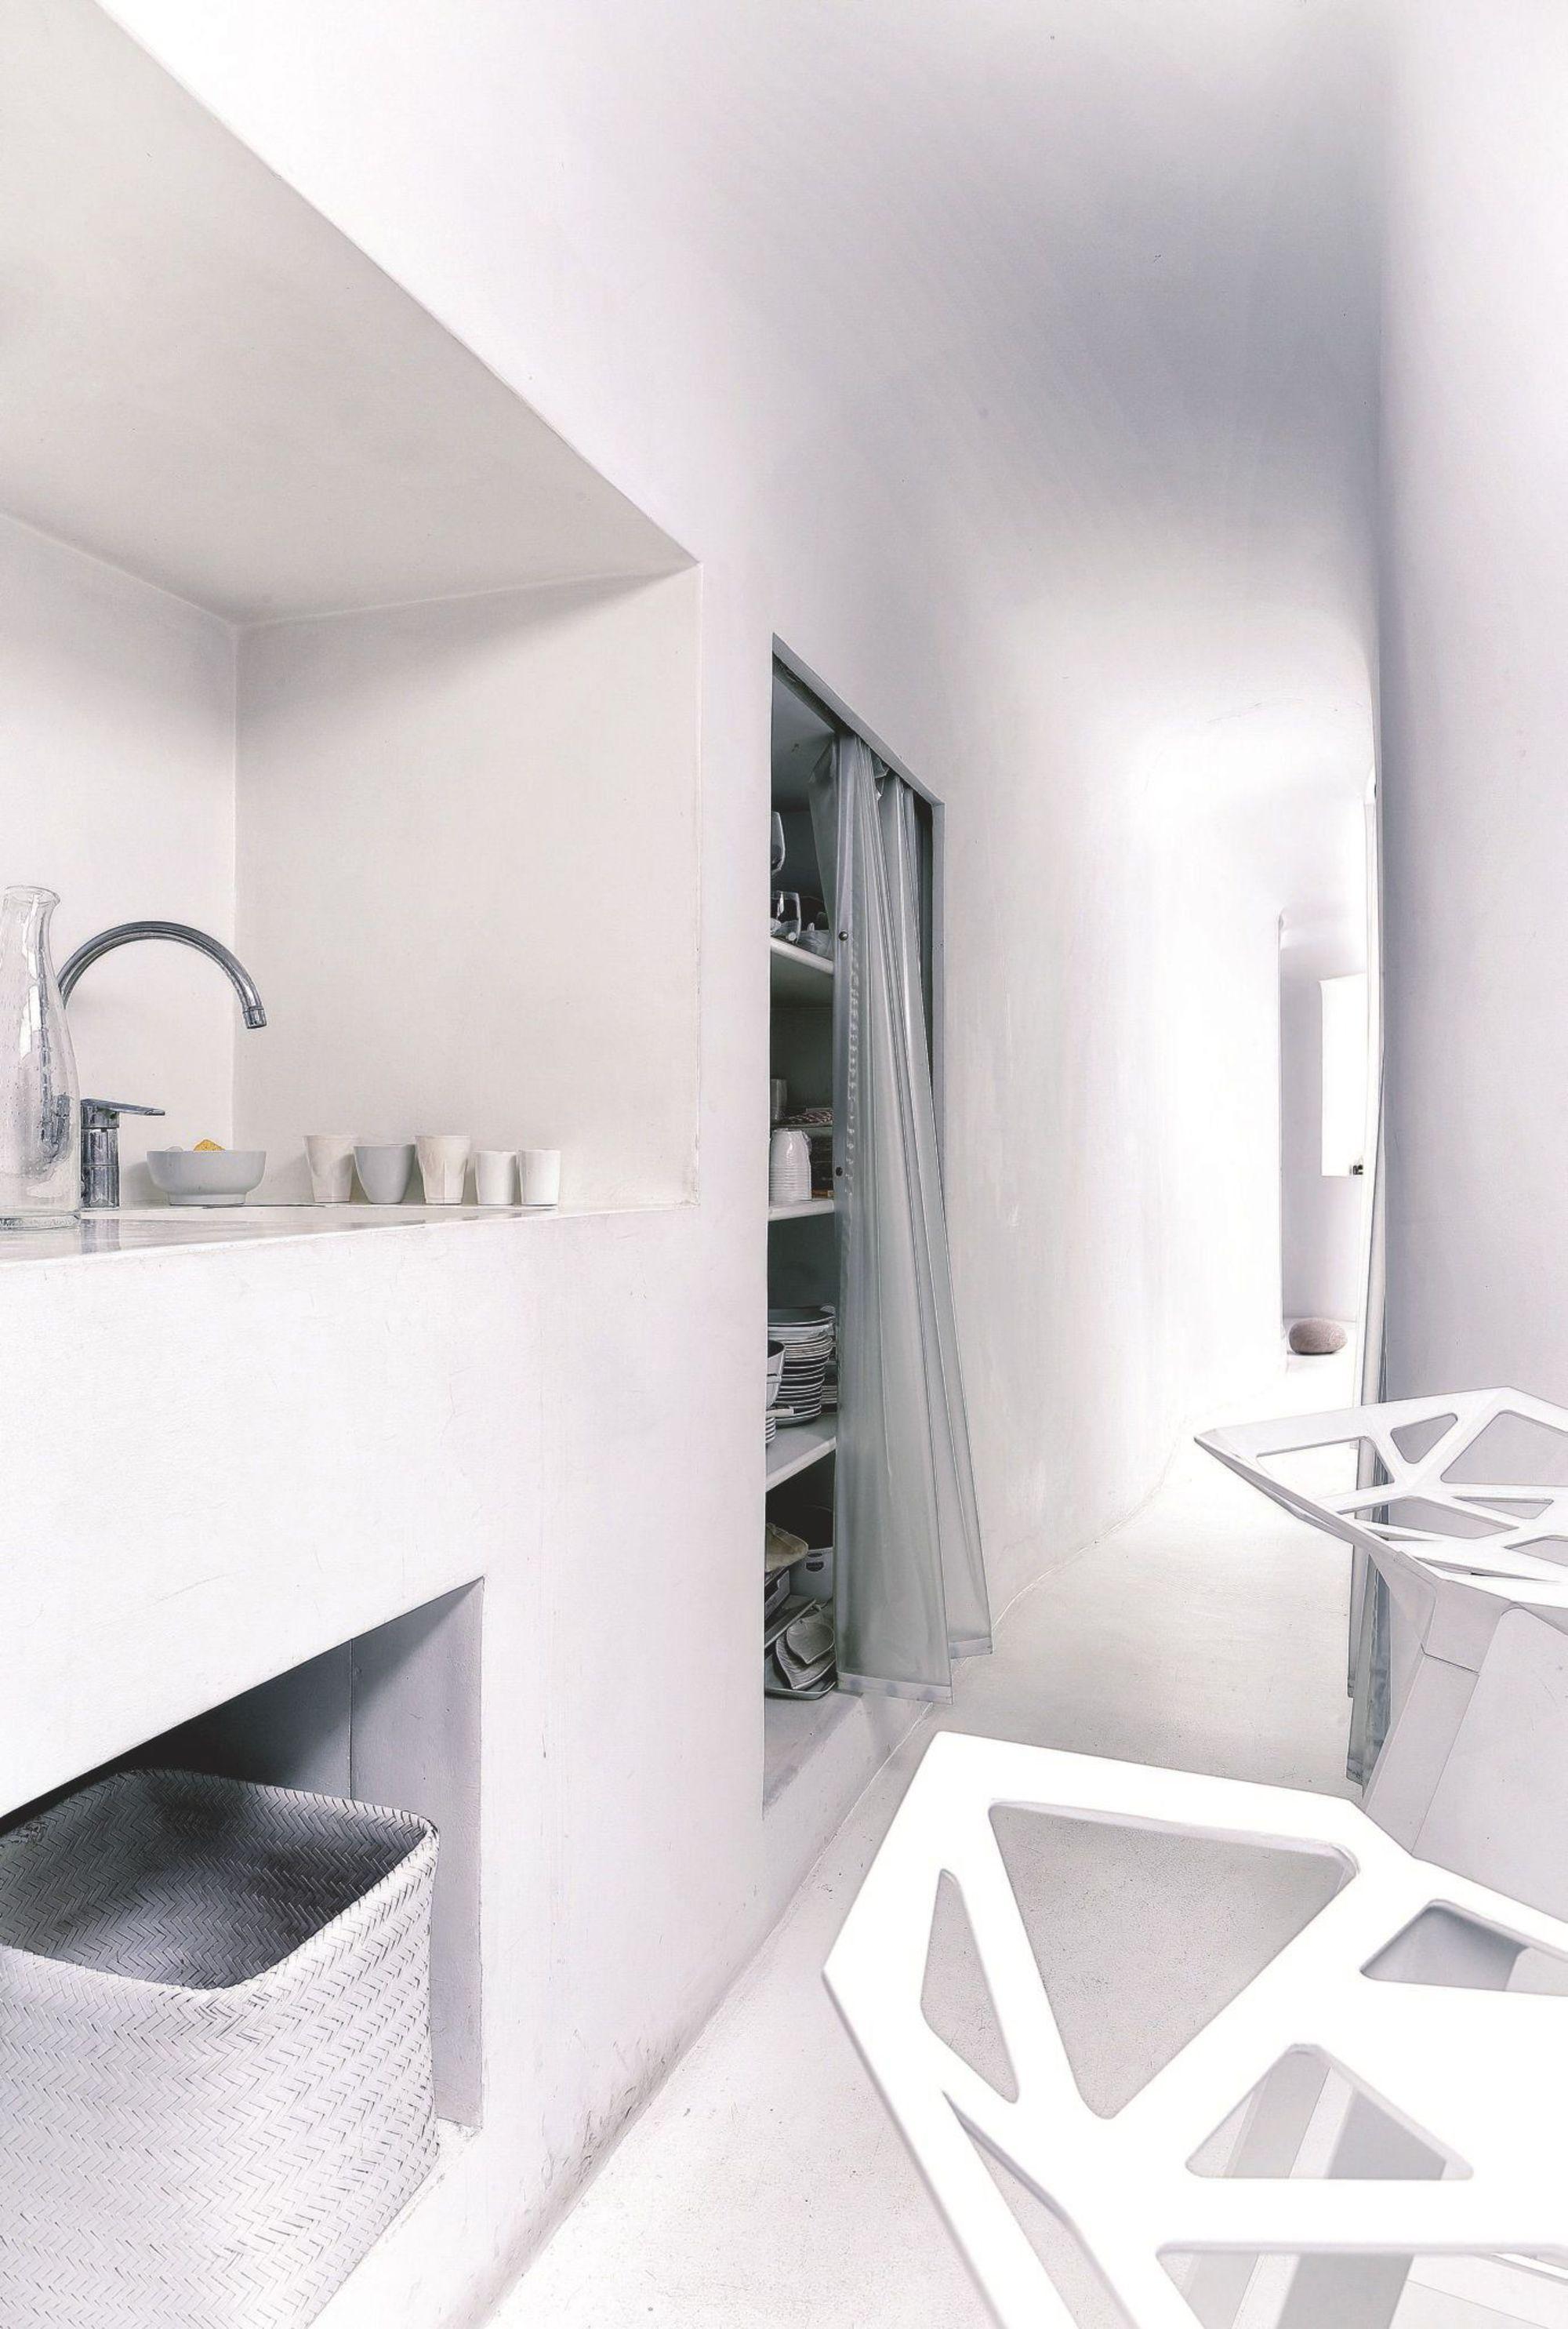 plus beaux lofts : François Roche, Le snake vue de la cuisine